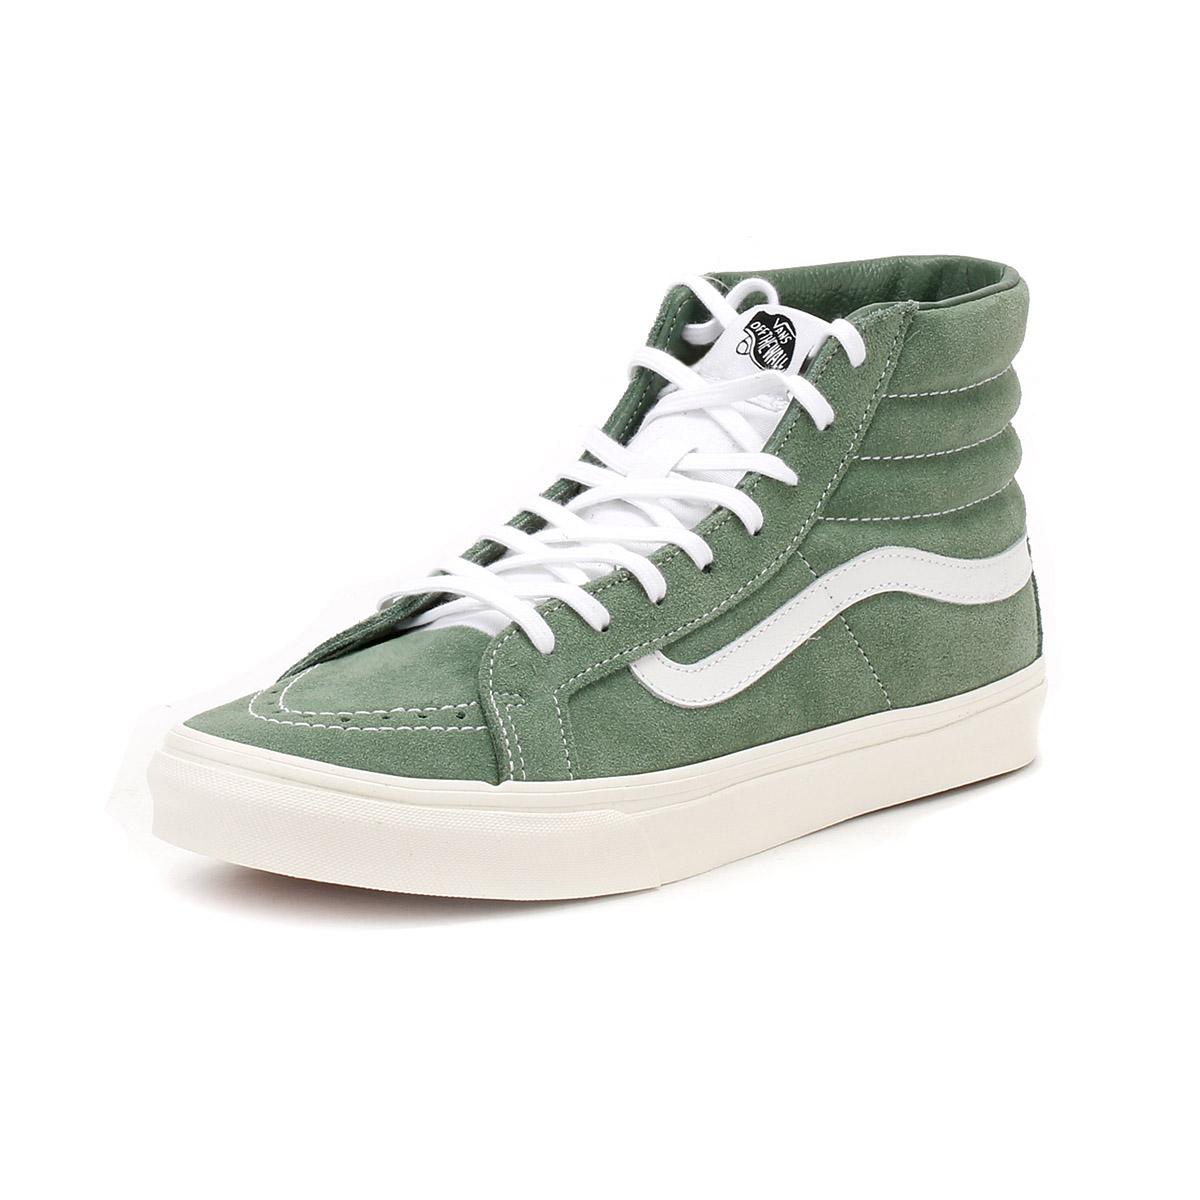 vans altas verdes mujer